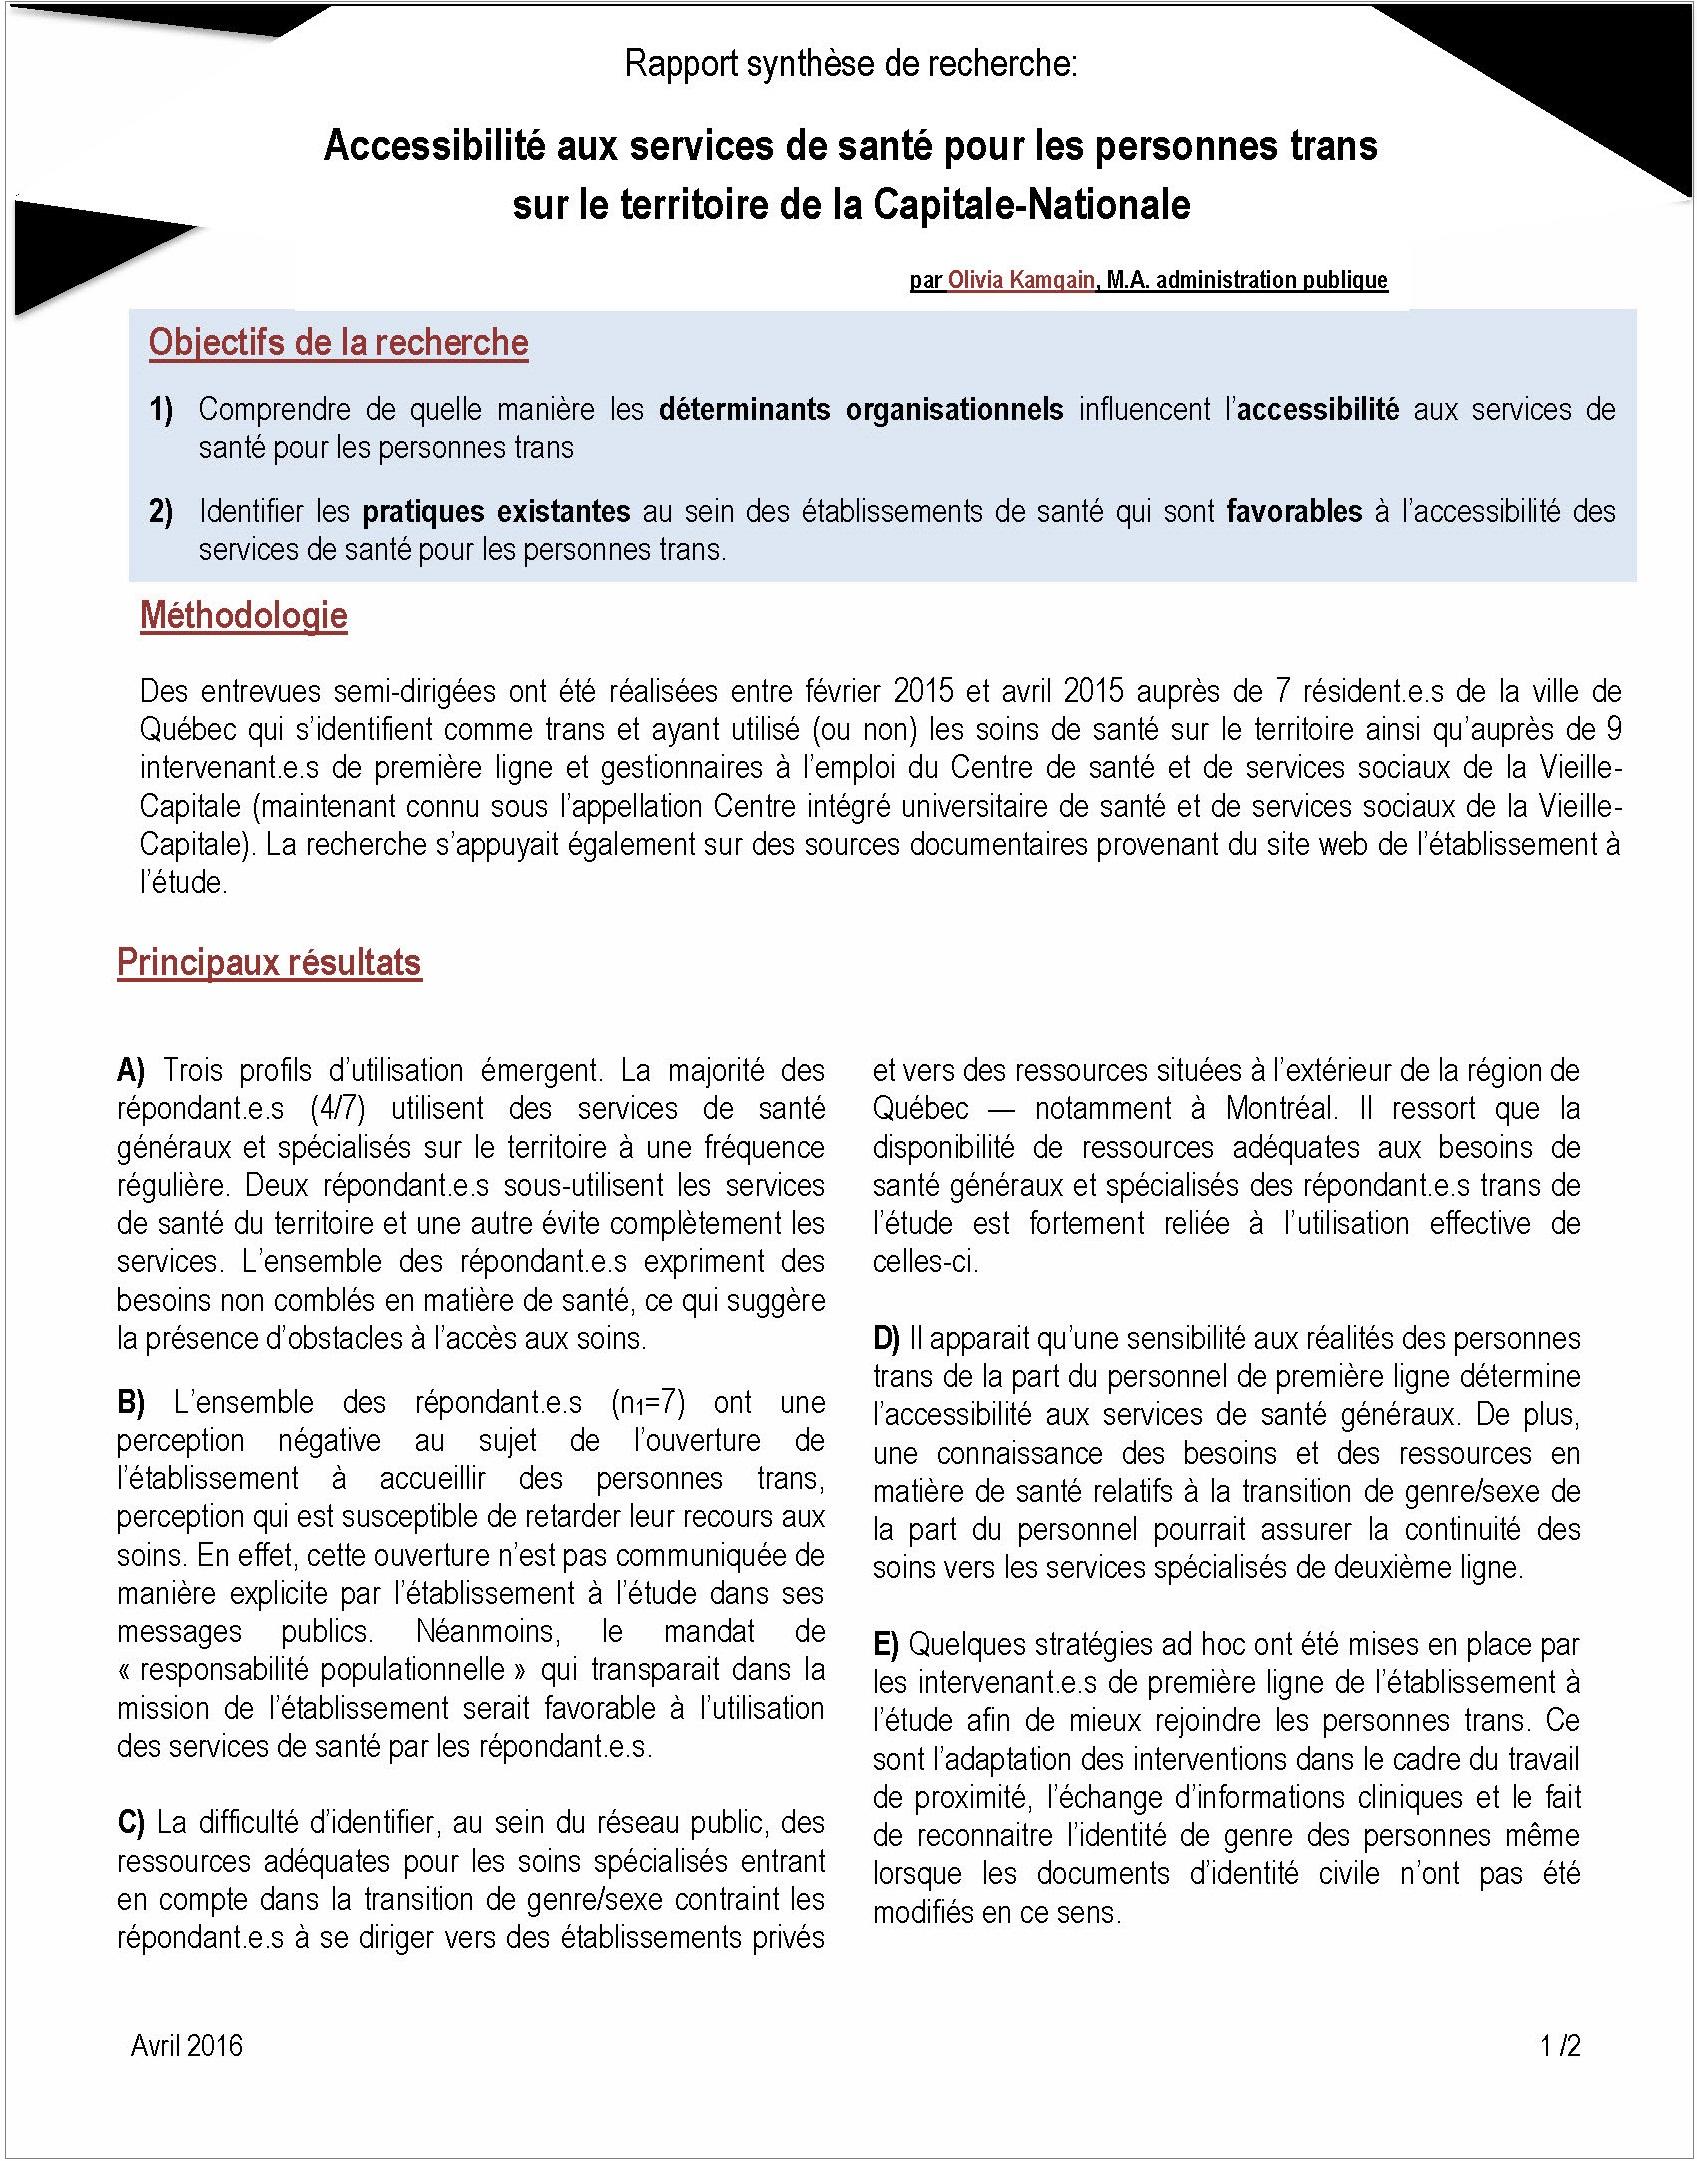 Rapport synthese Acces aux services de sante pour les personnes trans au CIUSS Capitale Nationale Page 1